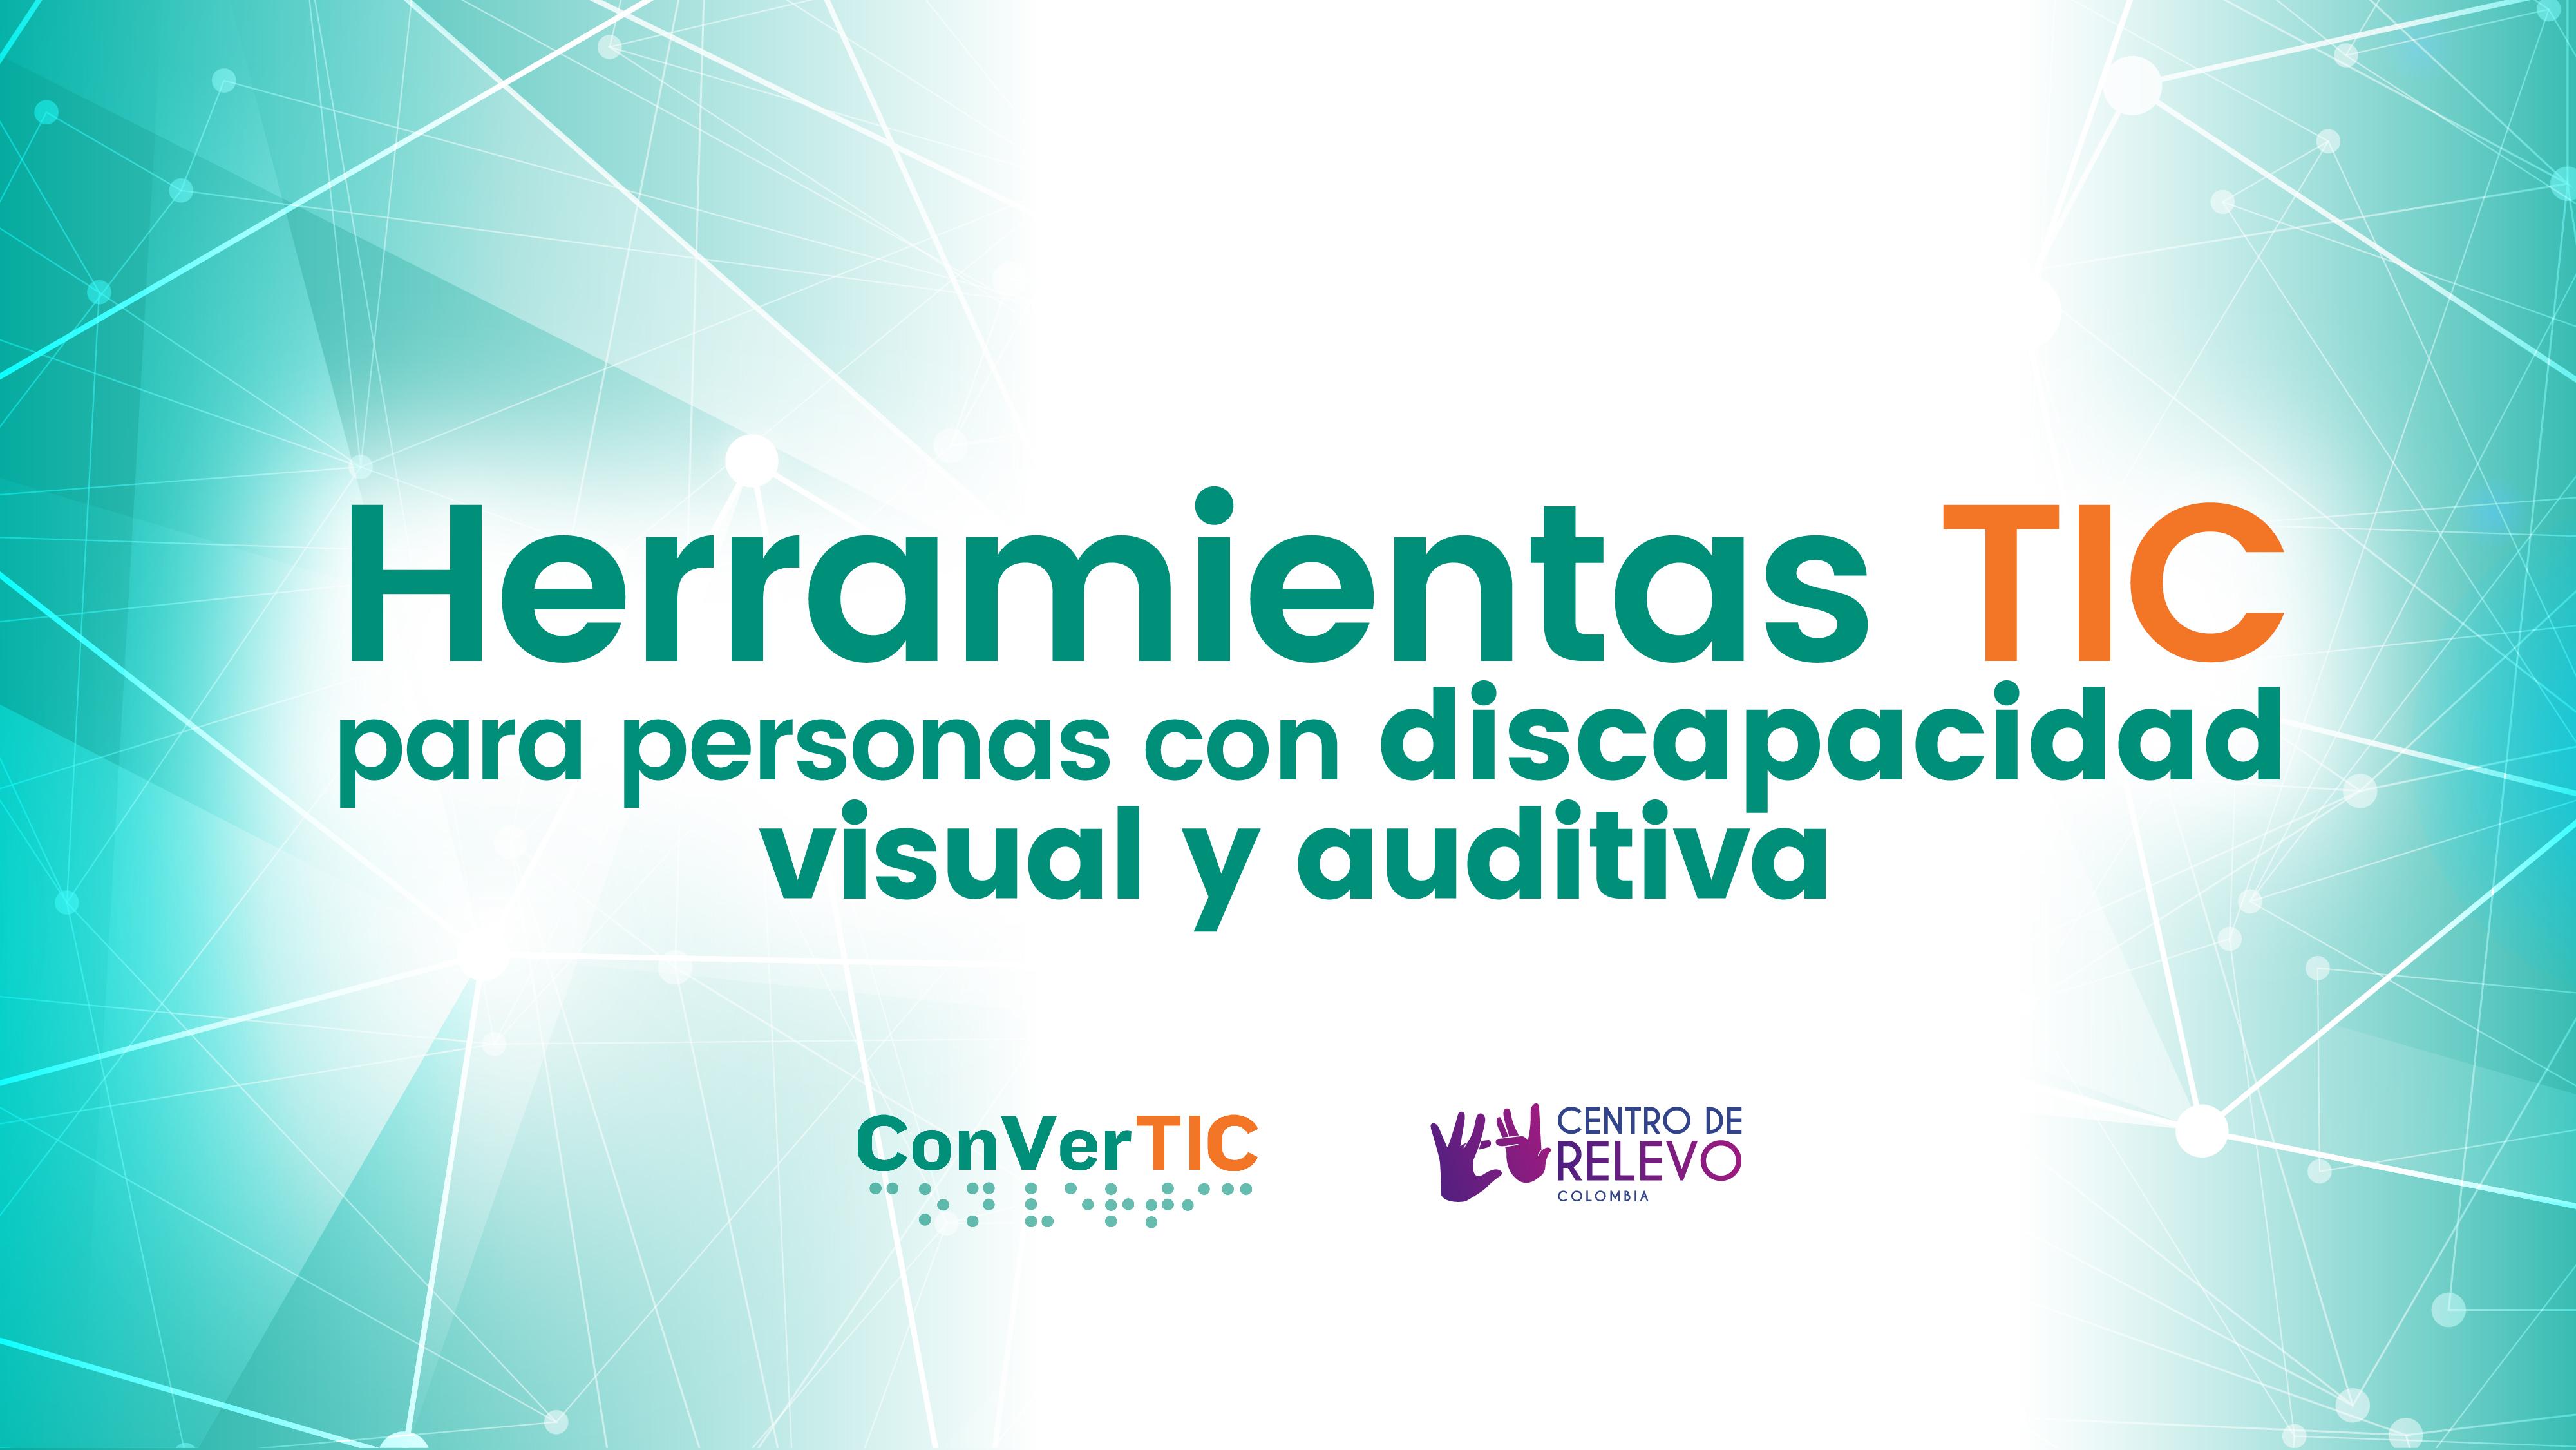 www.convertic.gov.co